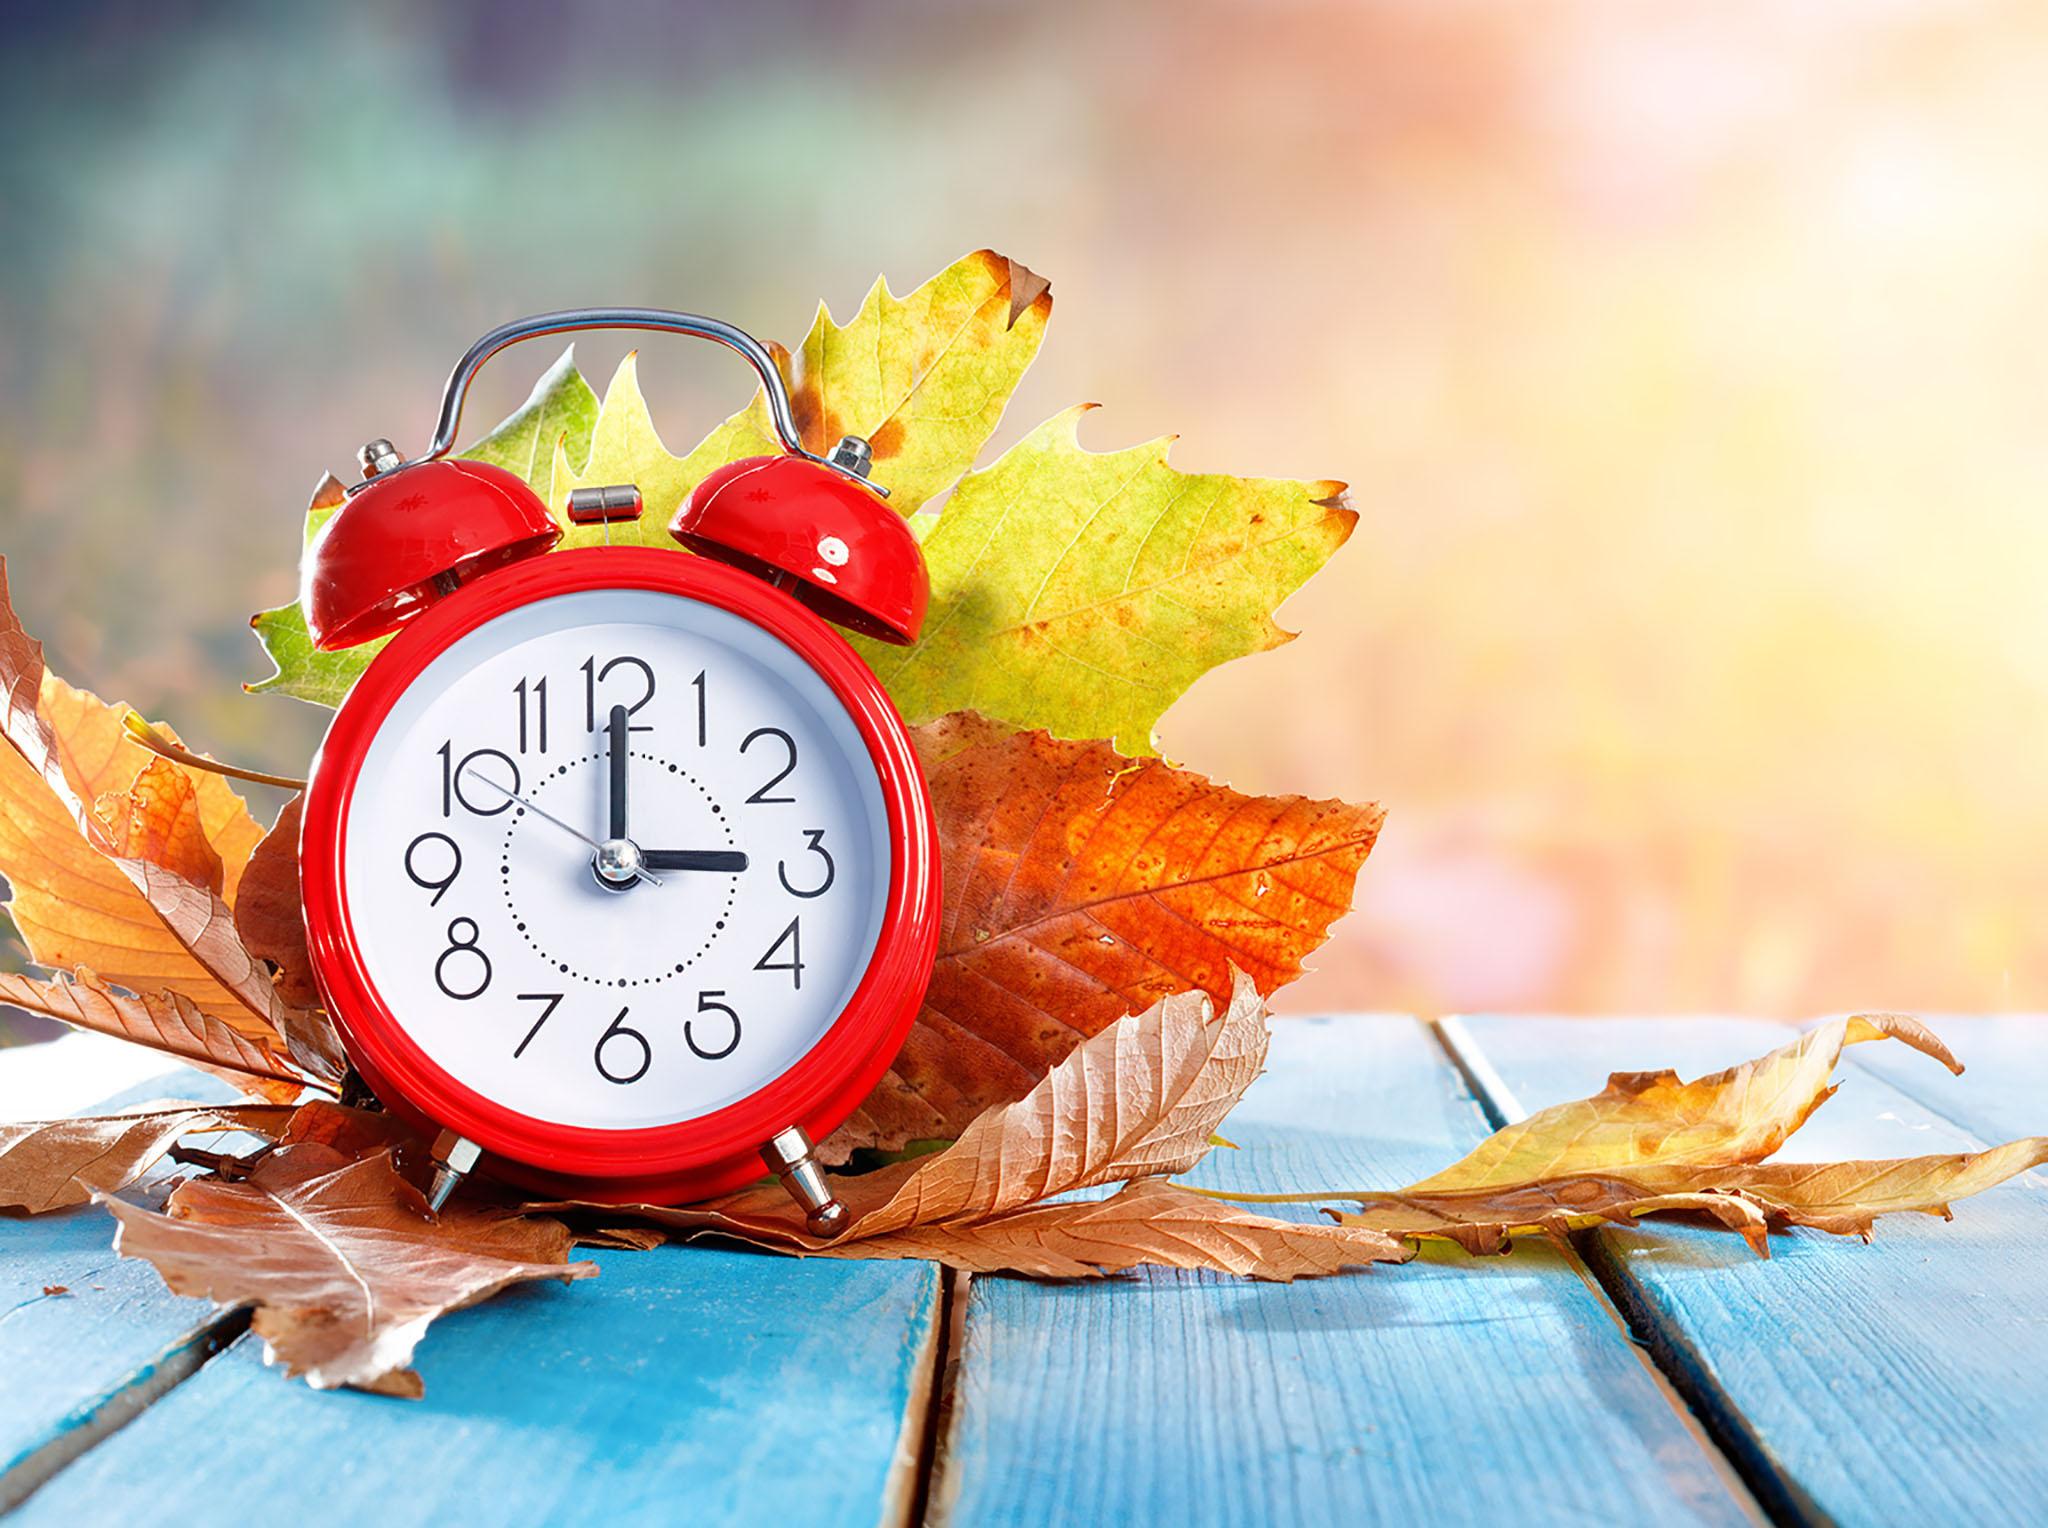 La nuit du samedi au dimanche 5 novembre sera plus longue prot gez - Changement heure ete 2017 ...